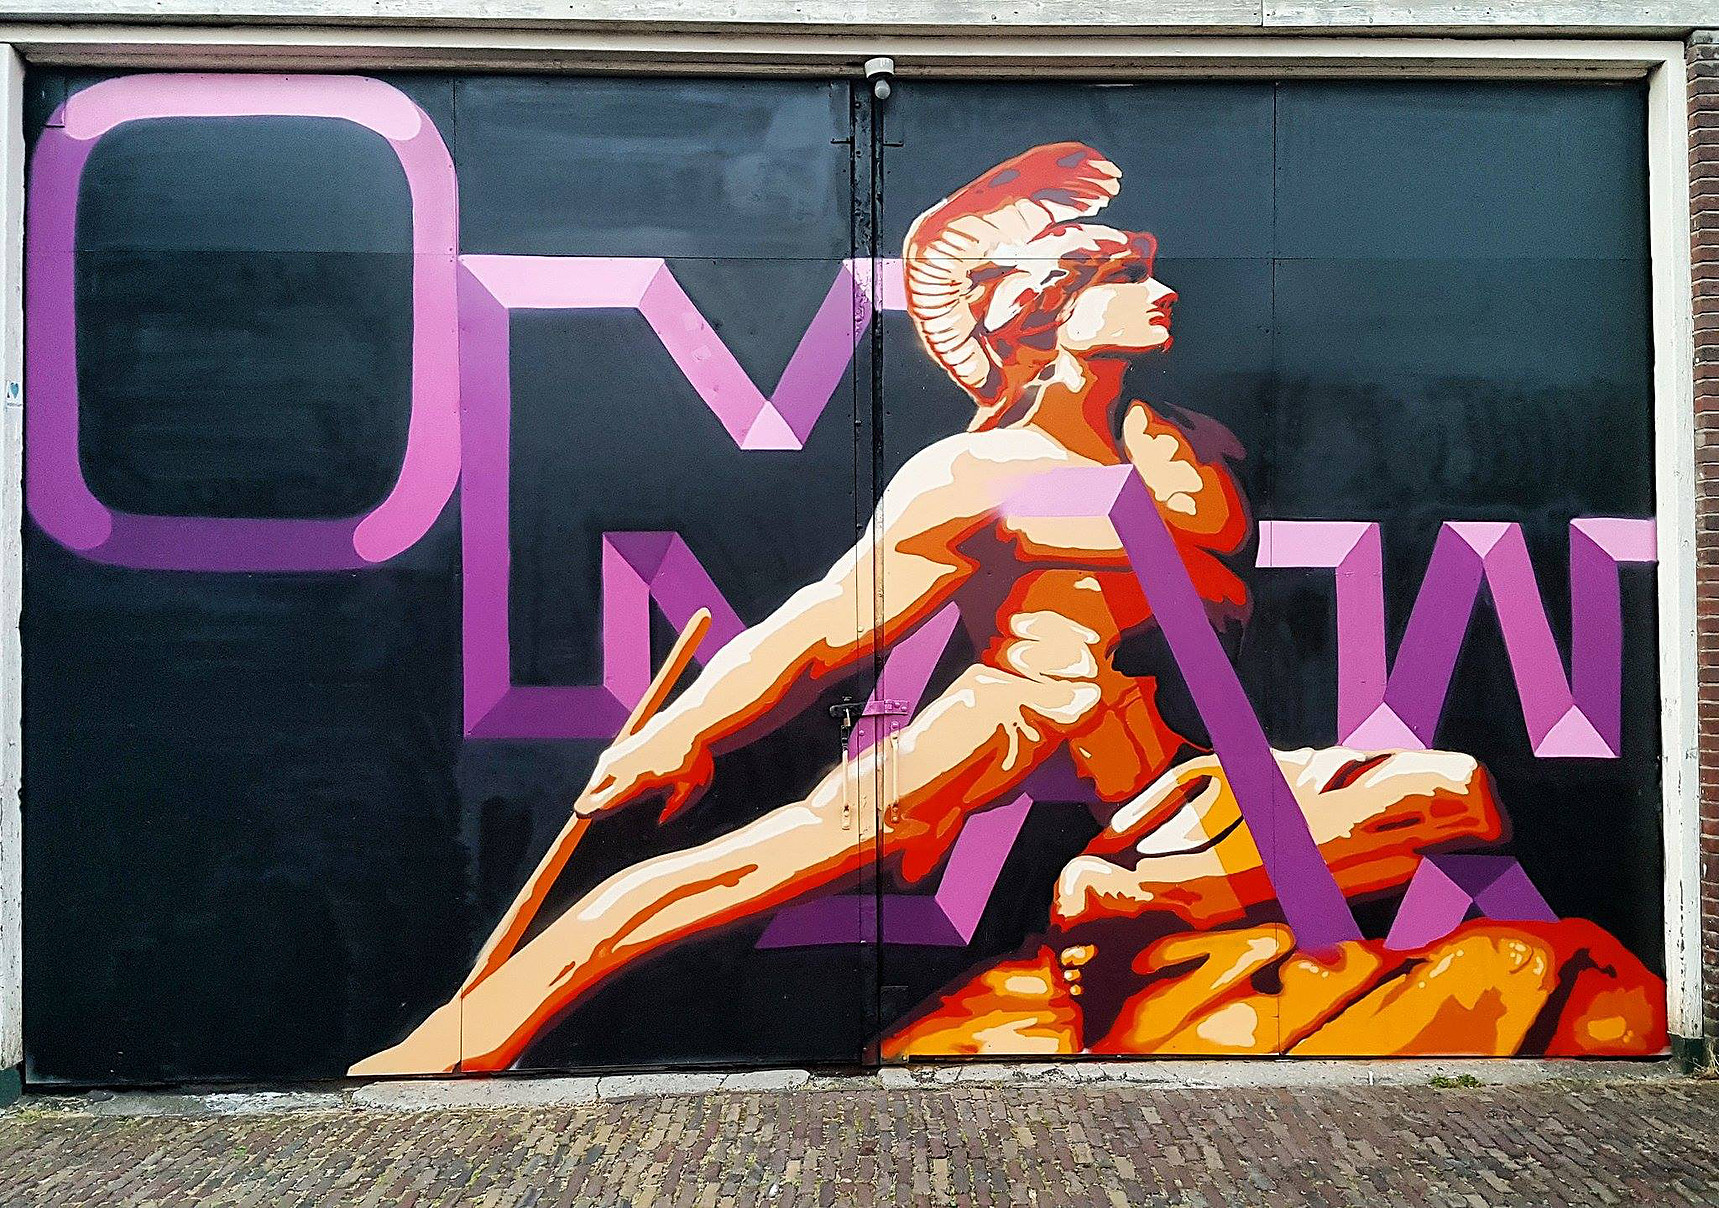 """Værk af Richard Holmes, der også i street art miljøet kalder sig """"OMAW""""."""